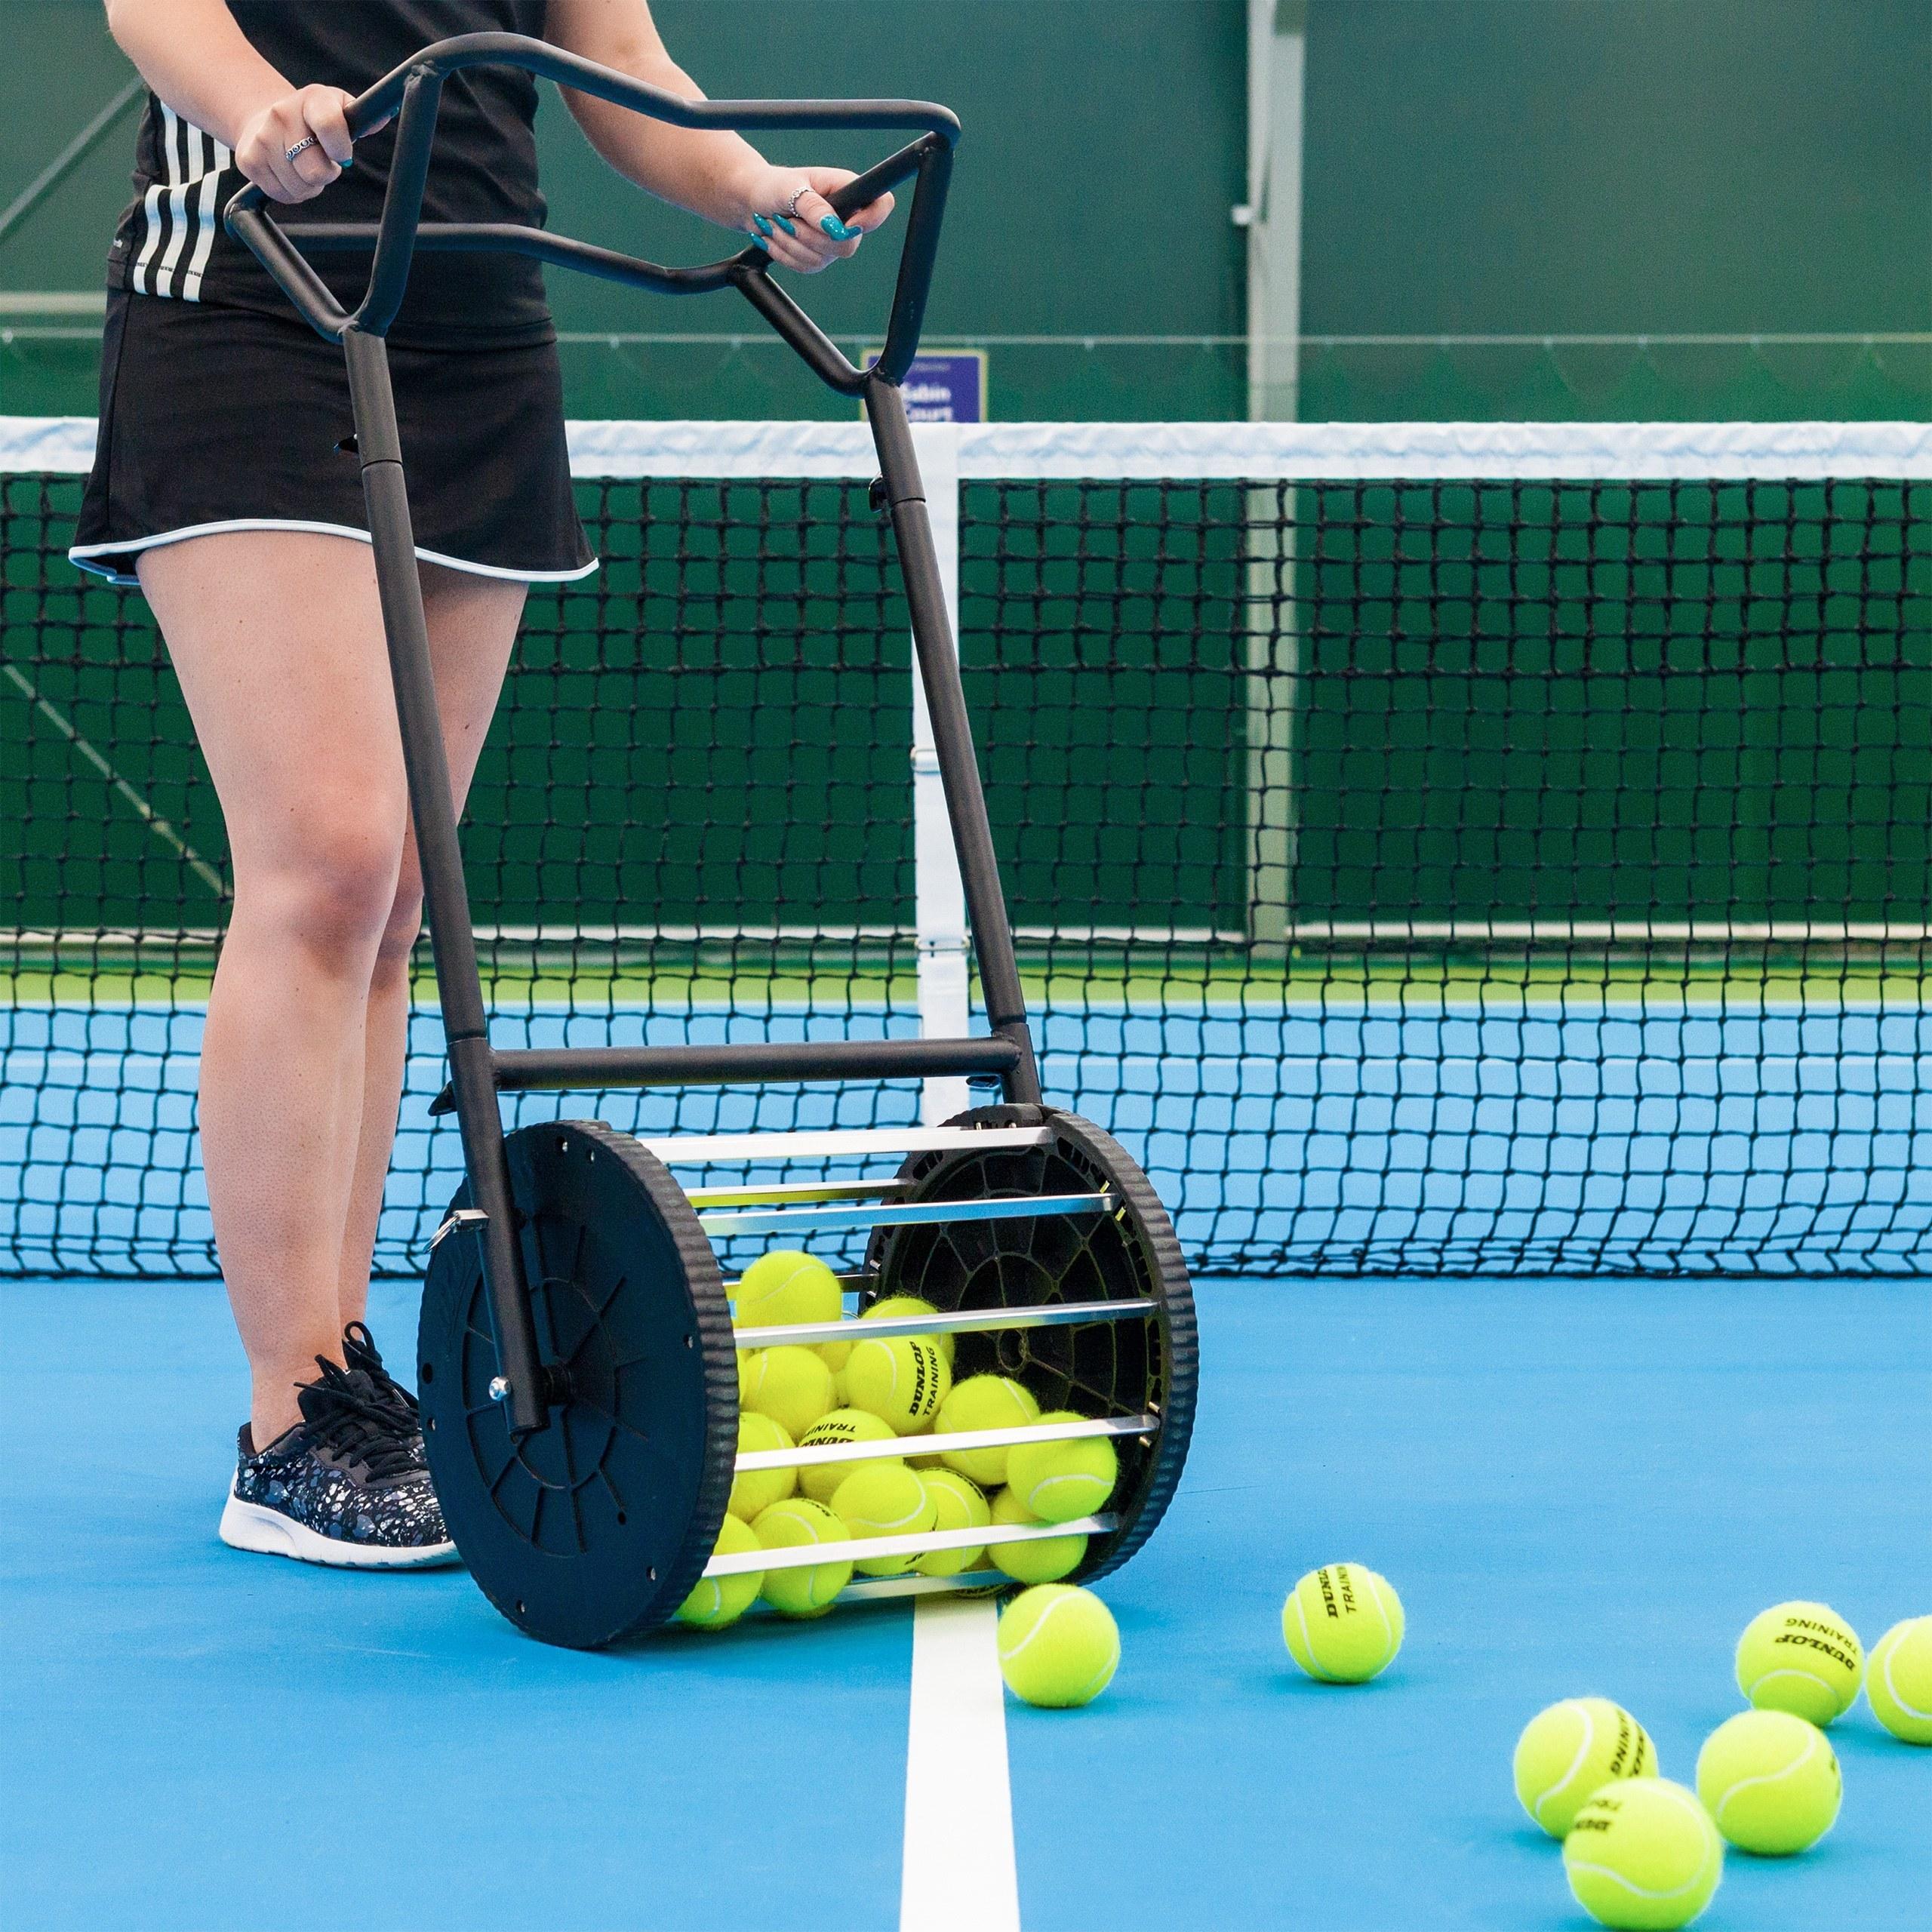 Tennis Ball Collector | Tennis Ball Hopper | Net World Sports